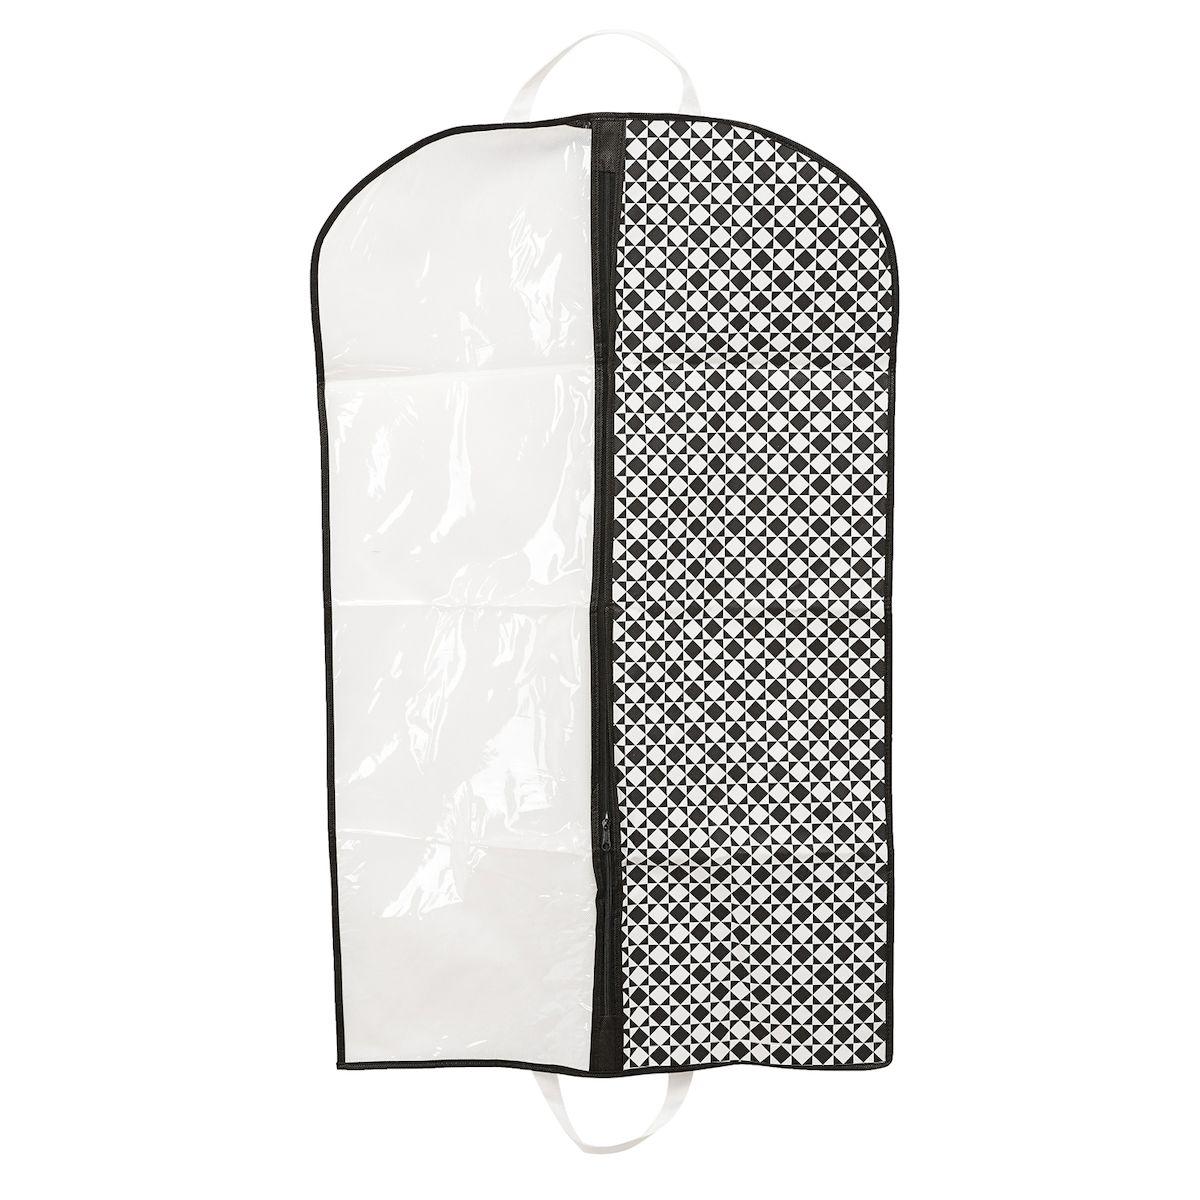 Чехол для одежды Homsu Maestro, подвесной, с прозрачной вставкой, 100 х 60 см чехол для одежды hausmann подвесной с прозрачной вставкой цвет серый 60 х 100 см